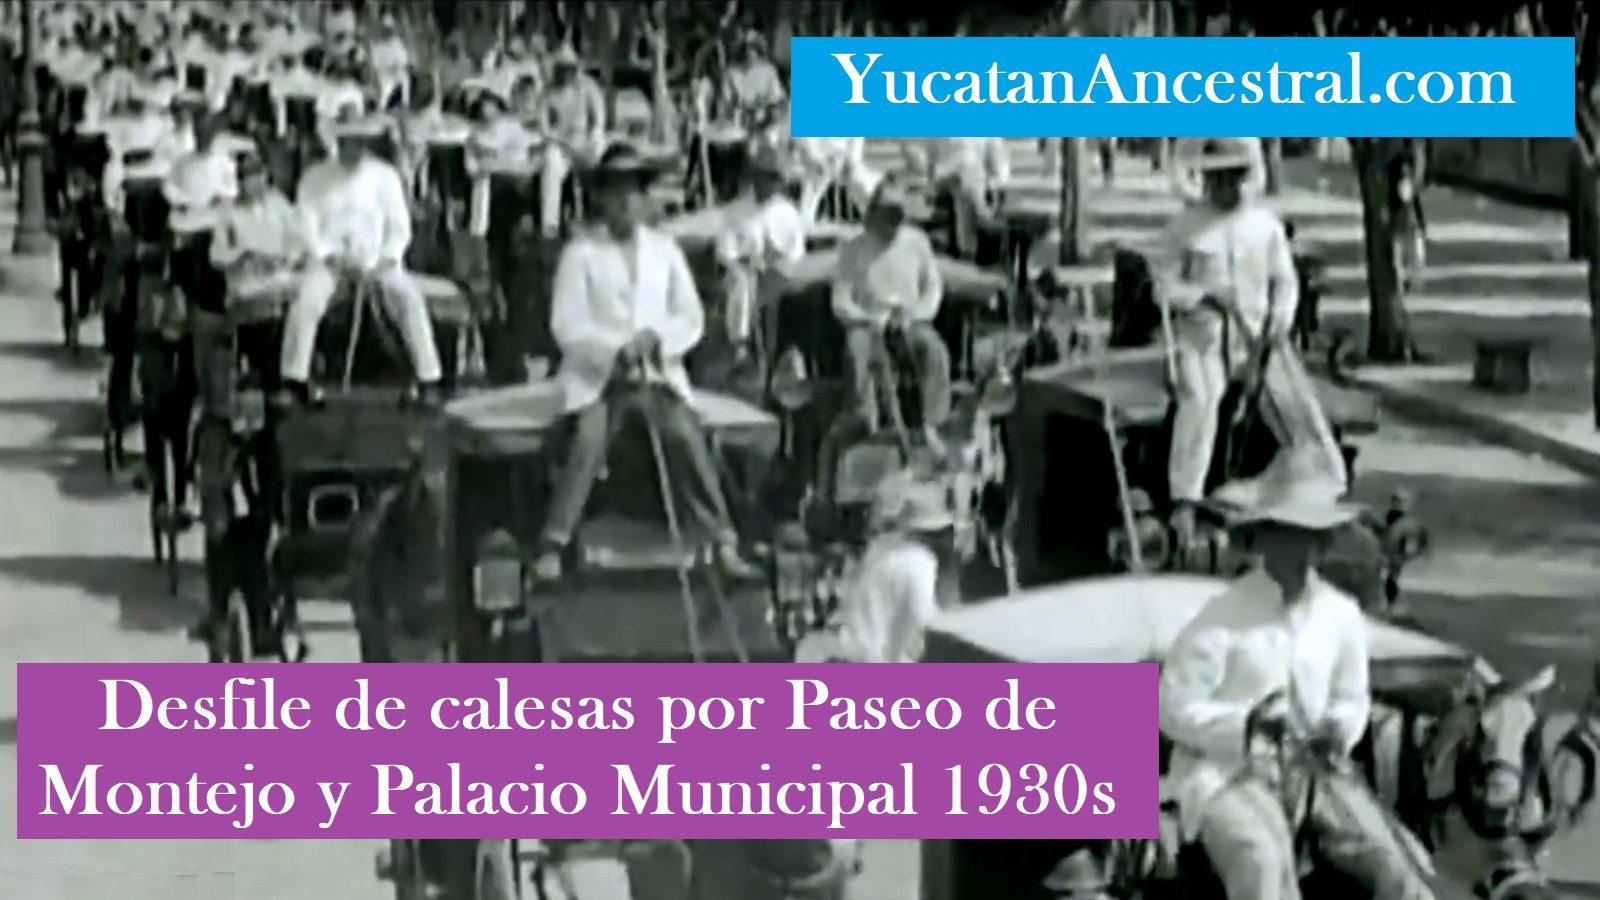 Desfile de calesas en Paseo de Montejo de Mérida 1930s